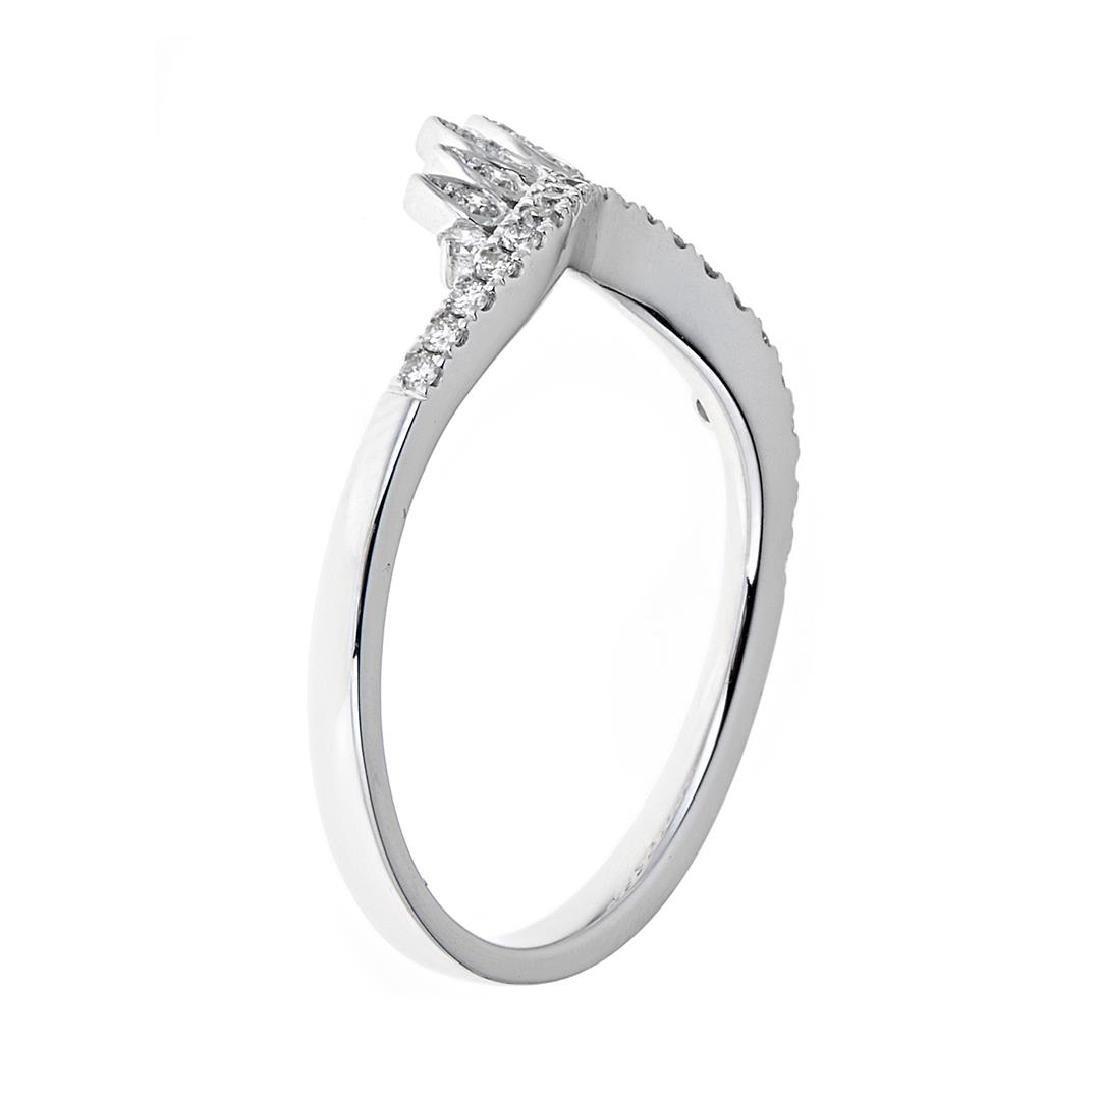 0.26 ctw Diamond Ring - 18KT White Gold - 4